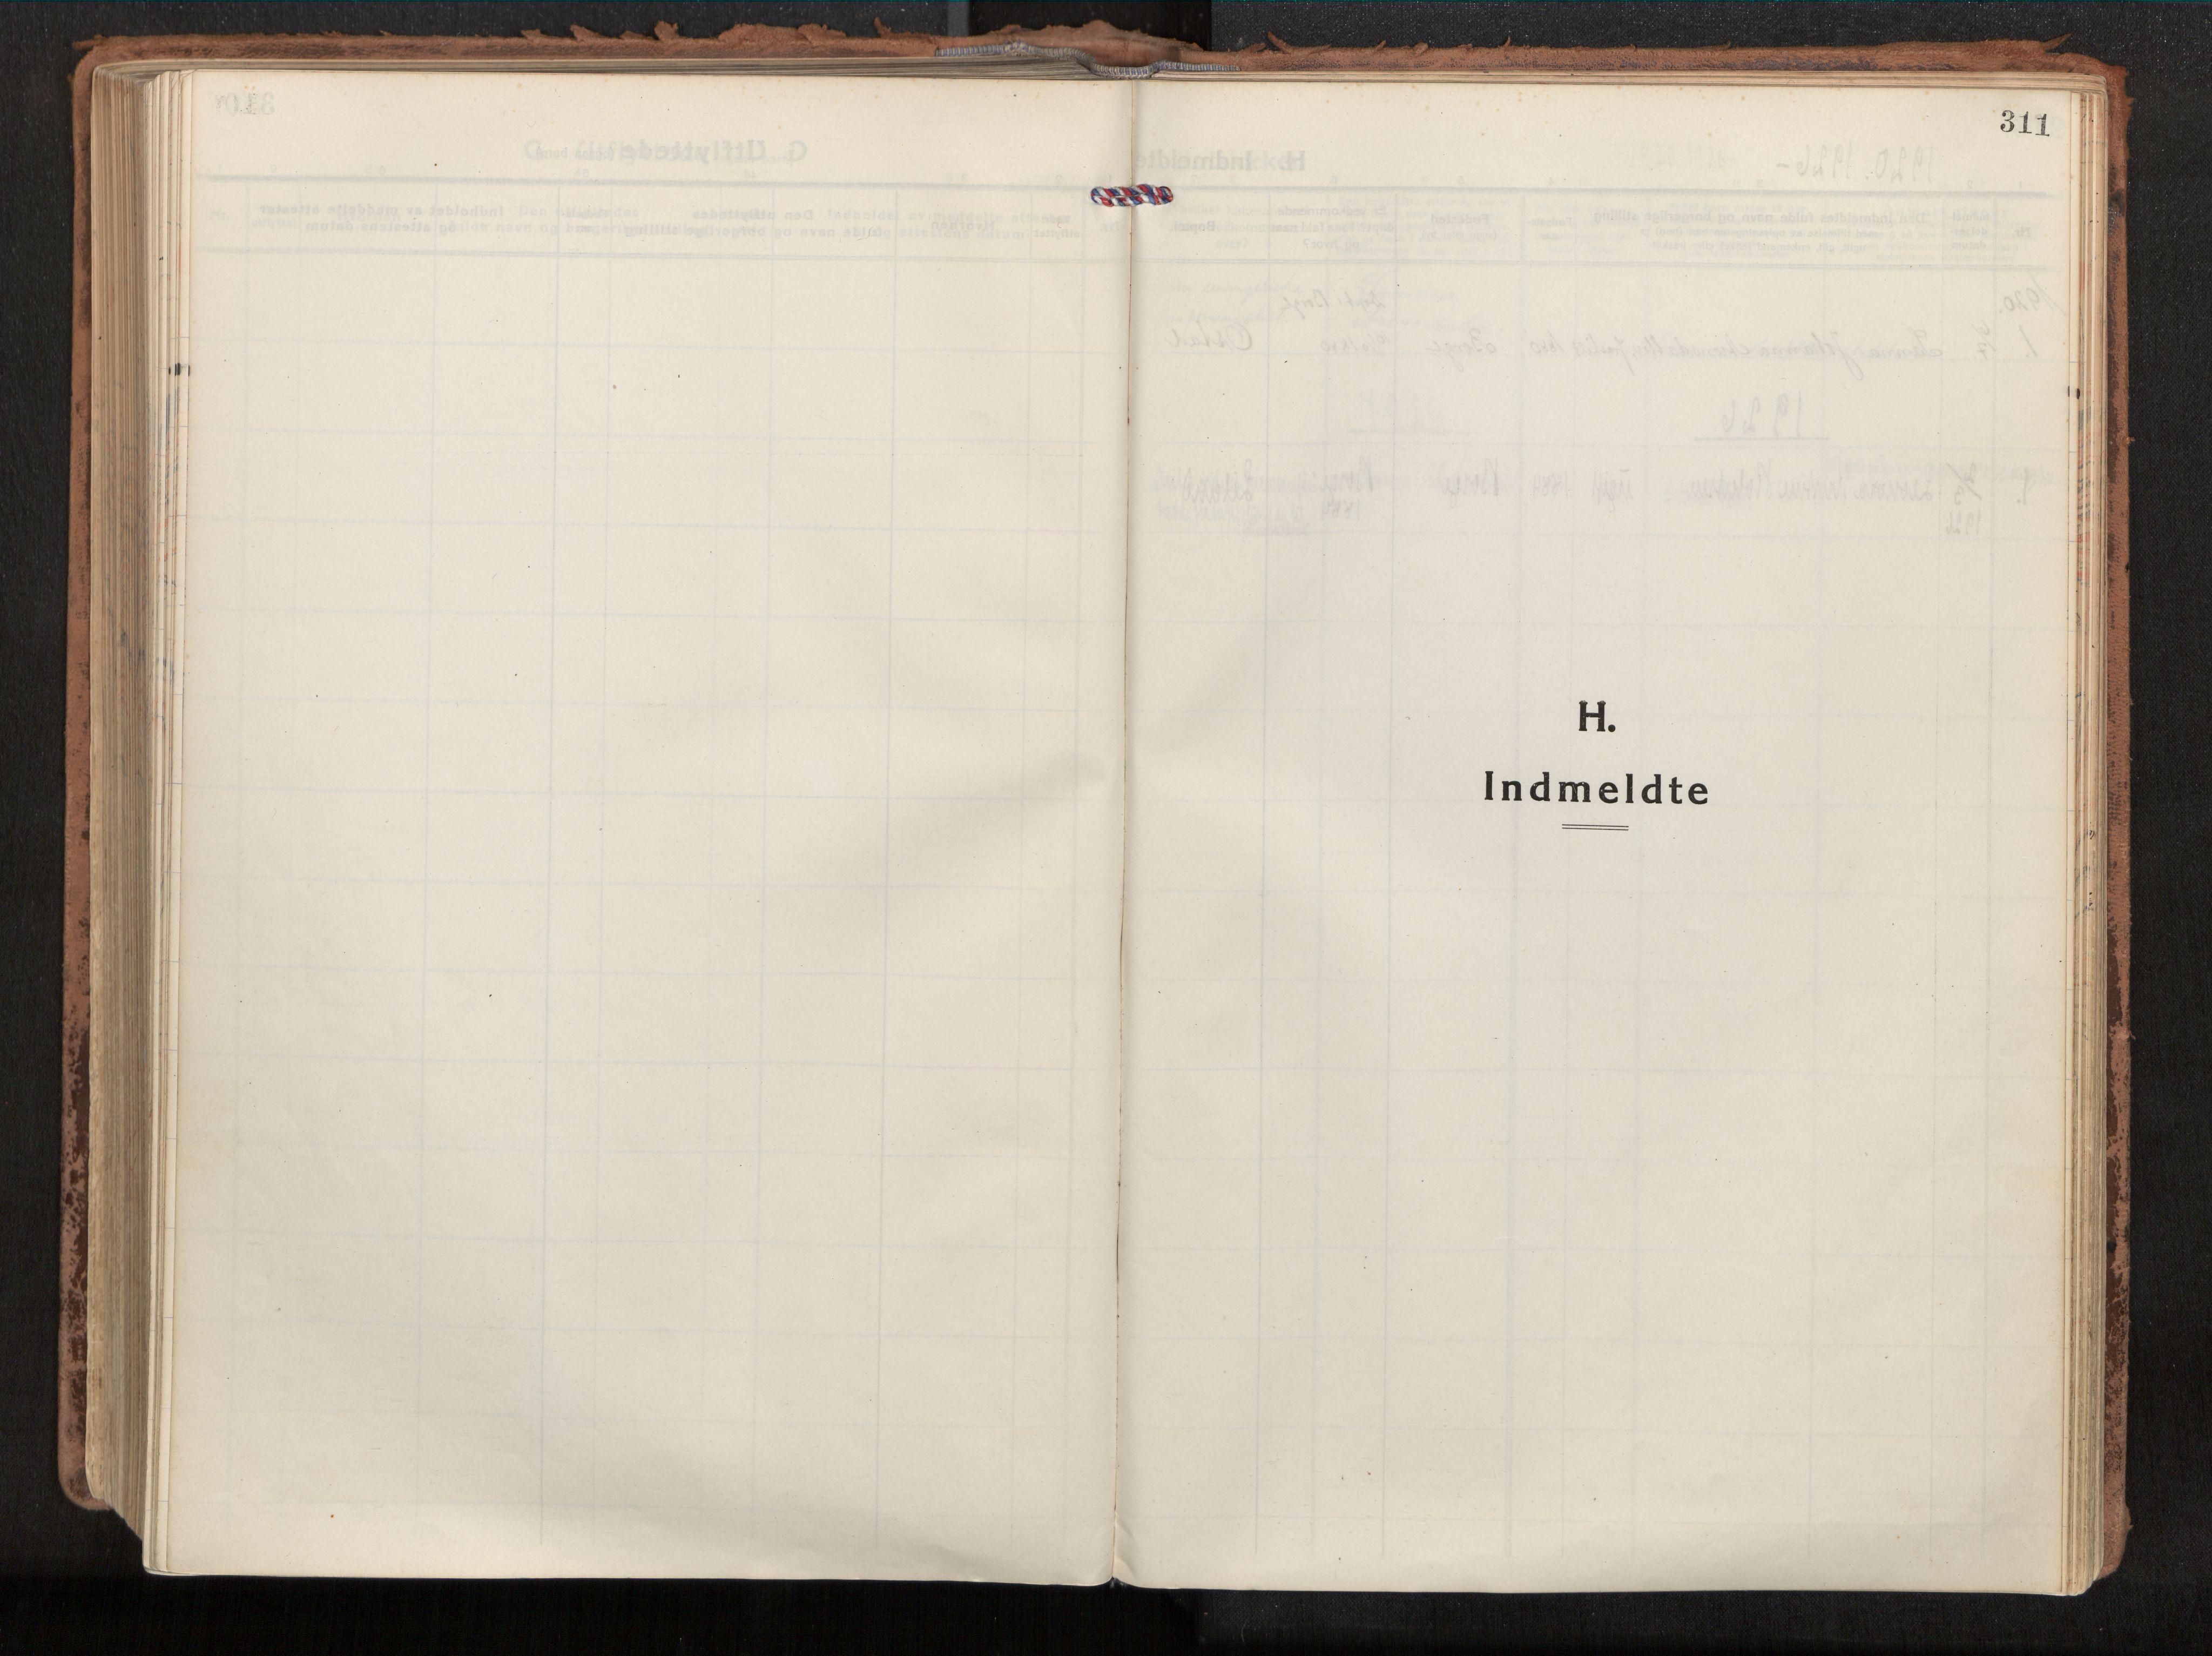 SAT, Ministerialprotokoller, klokkerbøker og fødselsregistre - Nordland, 880/L1136: Parish register (official) no. 880A10, 1919-1927, p. 311